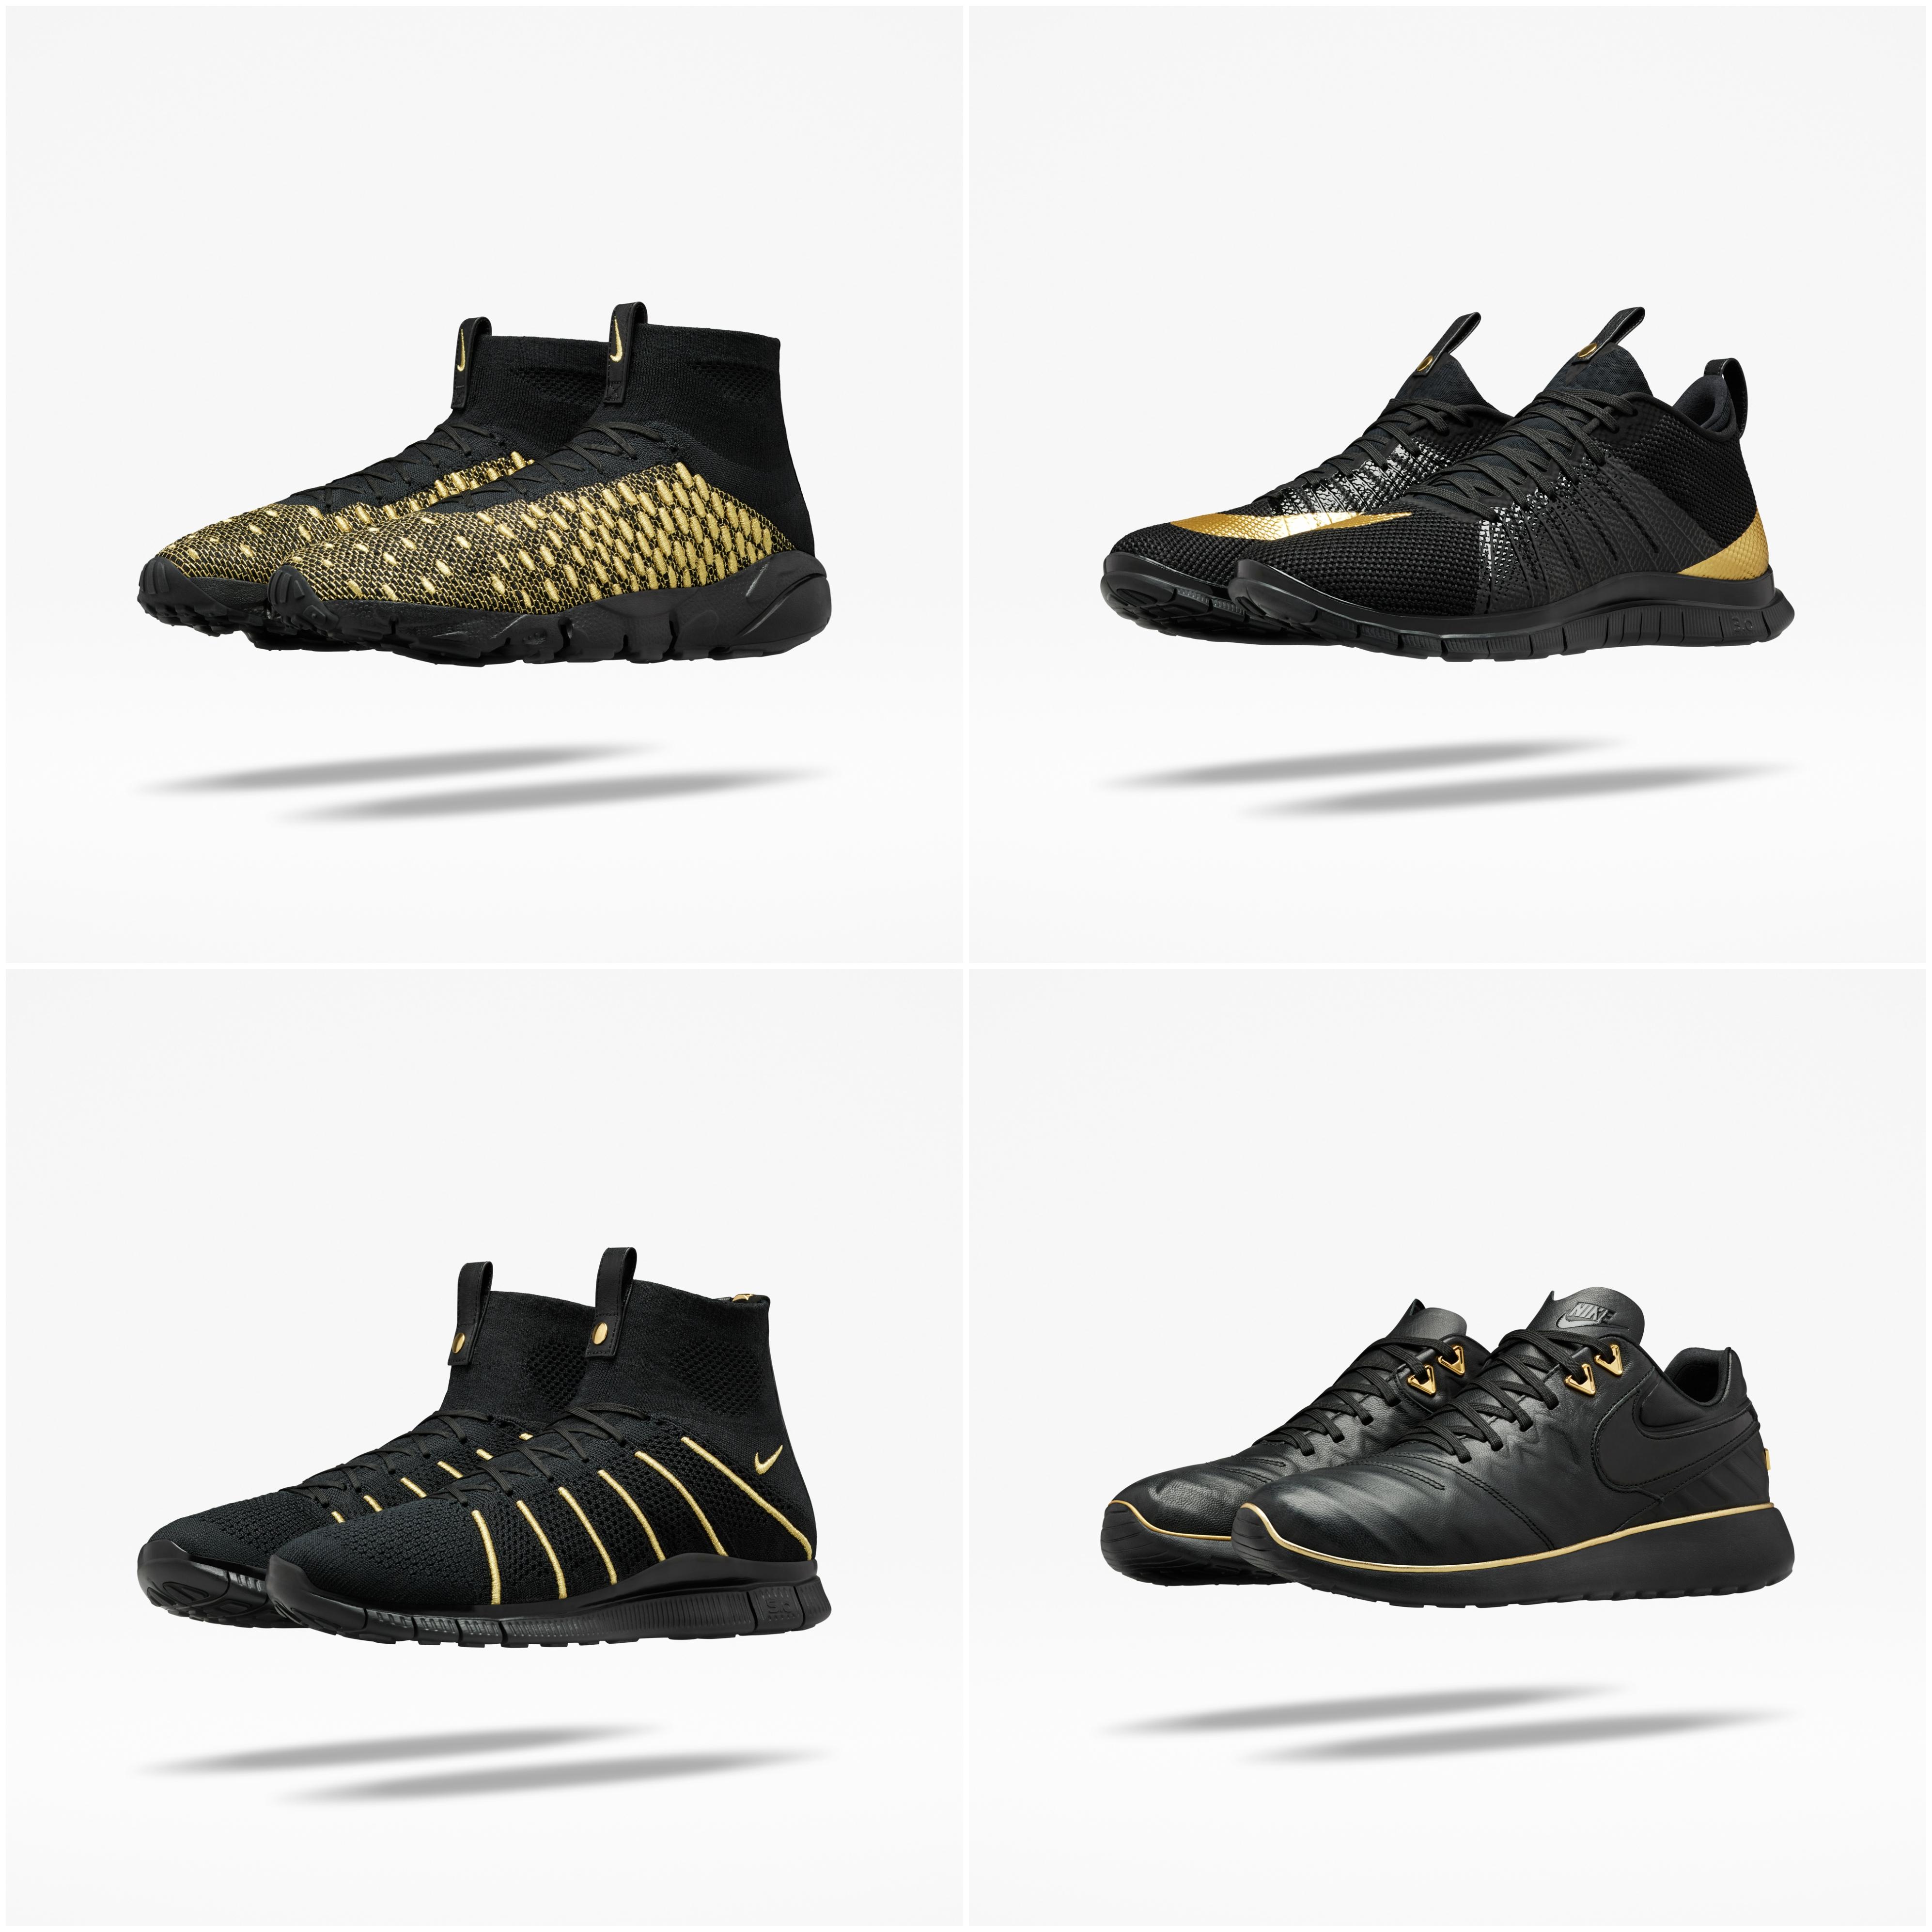 NikeLab x Olivier Rousteing sneakers